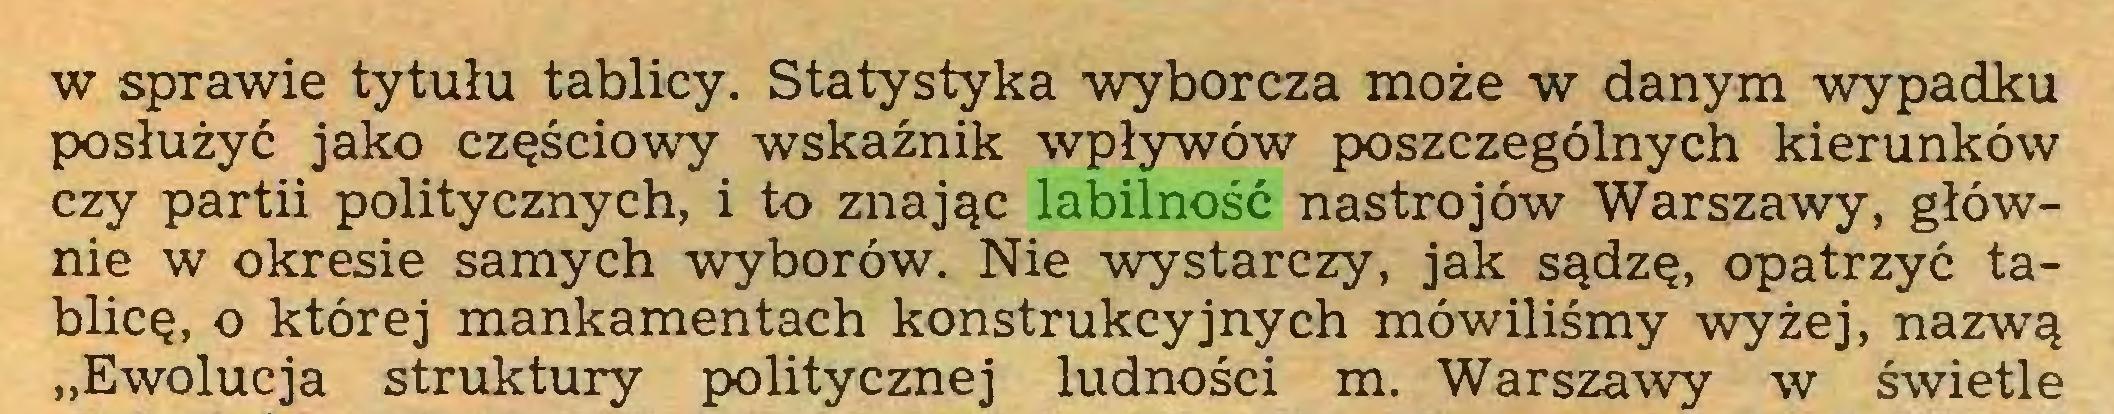 """(...) w sprawie tytułu tablicy. Statystyka wyborcza może w danym wypadku posłużyć jako częściowy wskaźnik wpływów poszczególnych kierunków czy partii politycznych, i to znając labilność nastrojów Warszawy, głównie w okresie samych wyborów. Nie wystarczy, jak sądzę, opatrzyć tablicę, o której mankamentach konstrukcyjnych mówiliśmy wyżej, nazwą """"Ewolucja struktury politycznej ludności m. Warszawy w świetle..."""